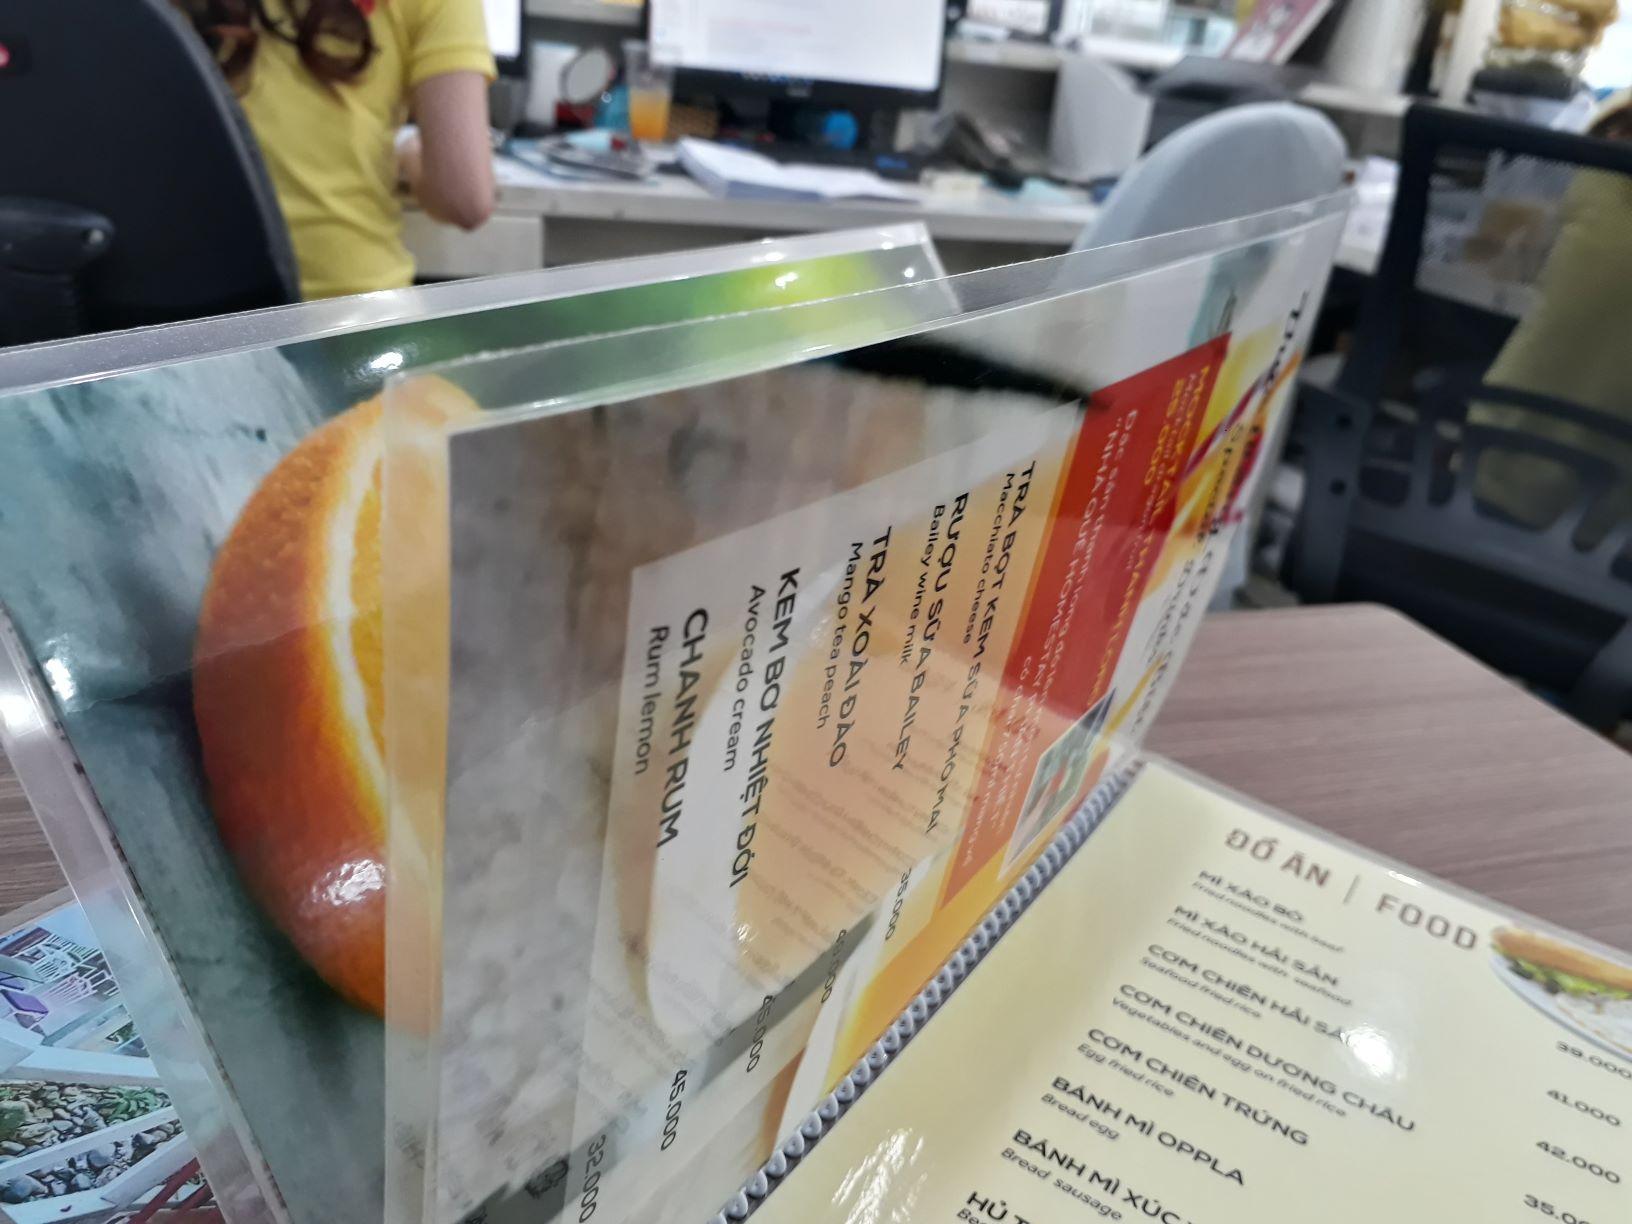 Làm menu ép plastic giúp bảo vệ giấy, chống thấm nước và tăng thời gian sử dụng